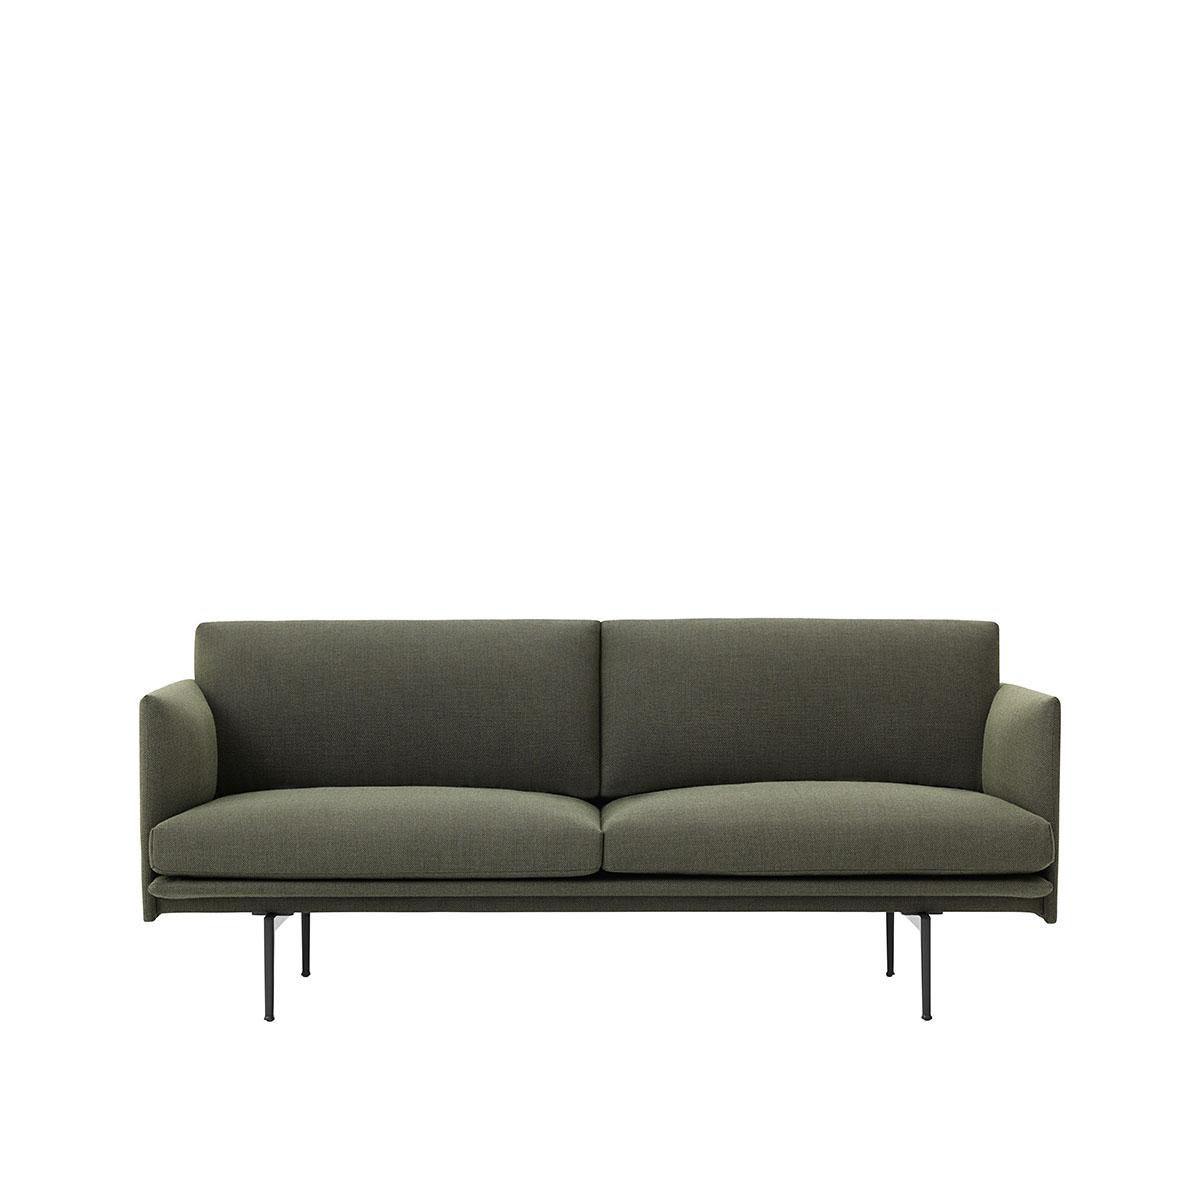 sofa outline khaki gr n. Black Bedroom Furniture Sets. Home Design Ideas